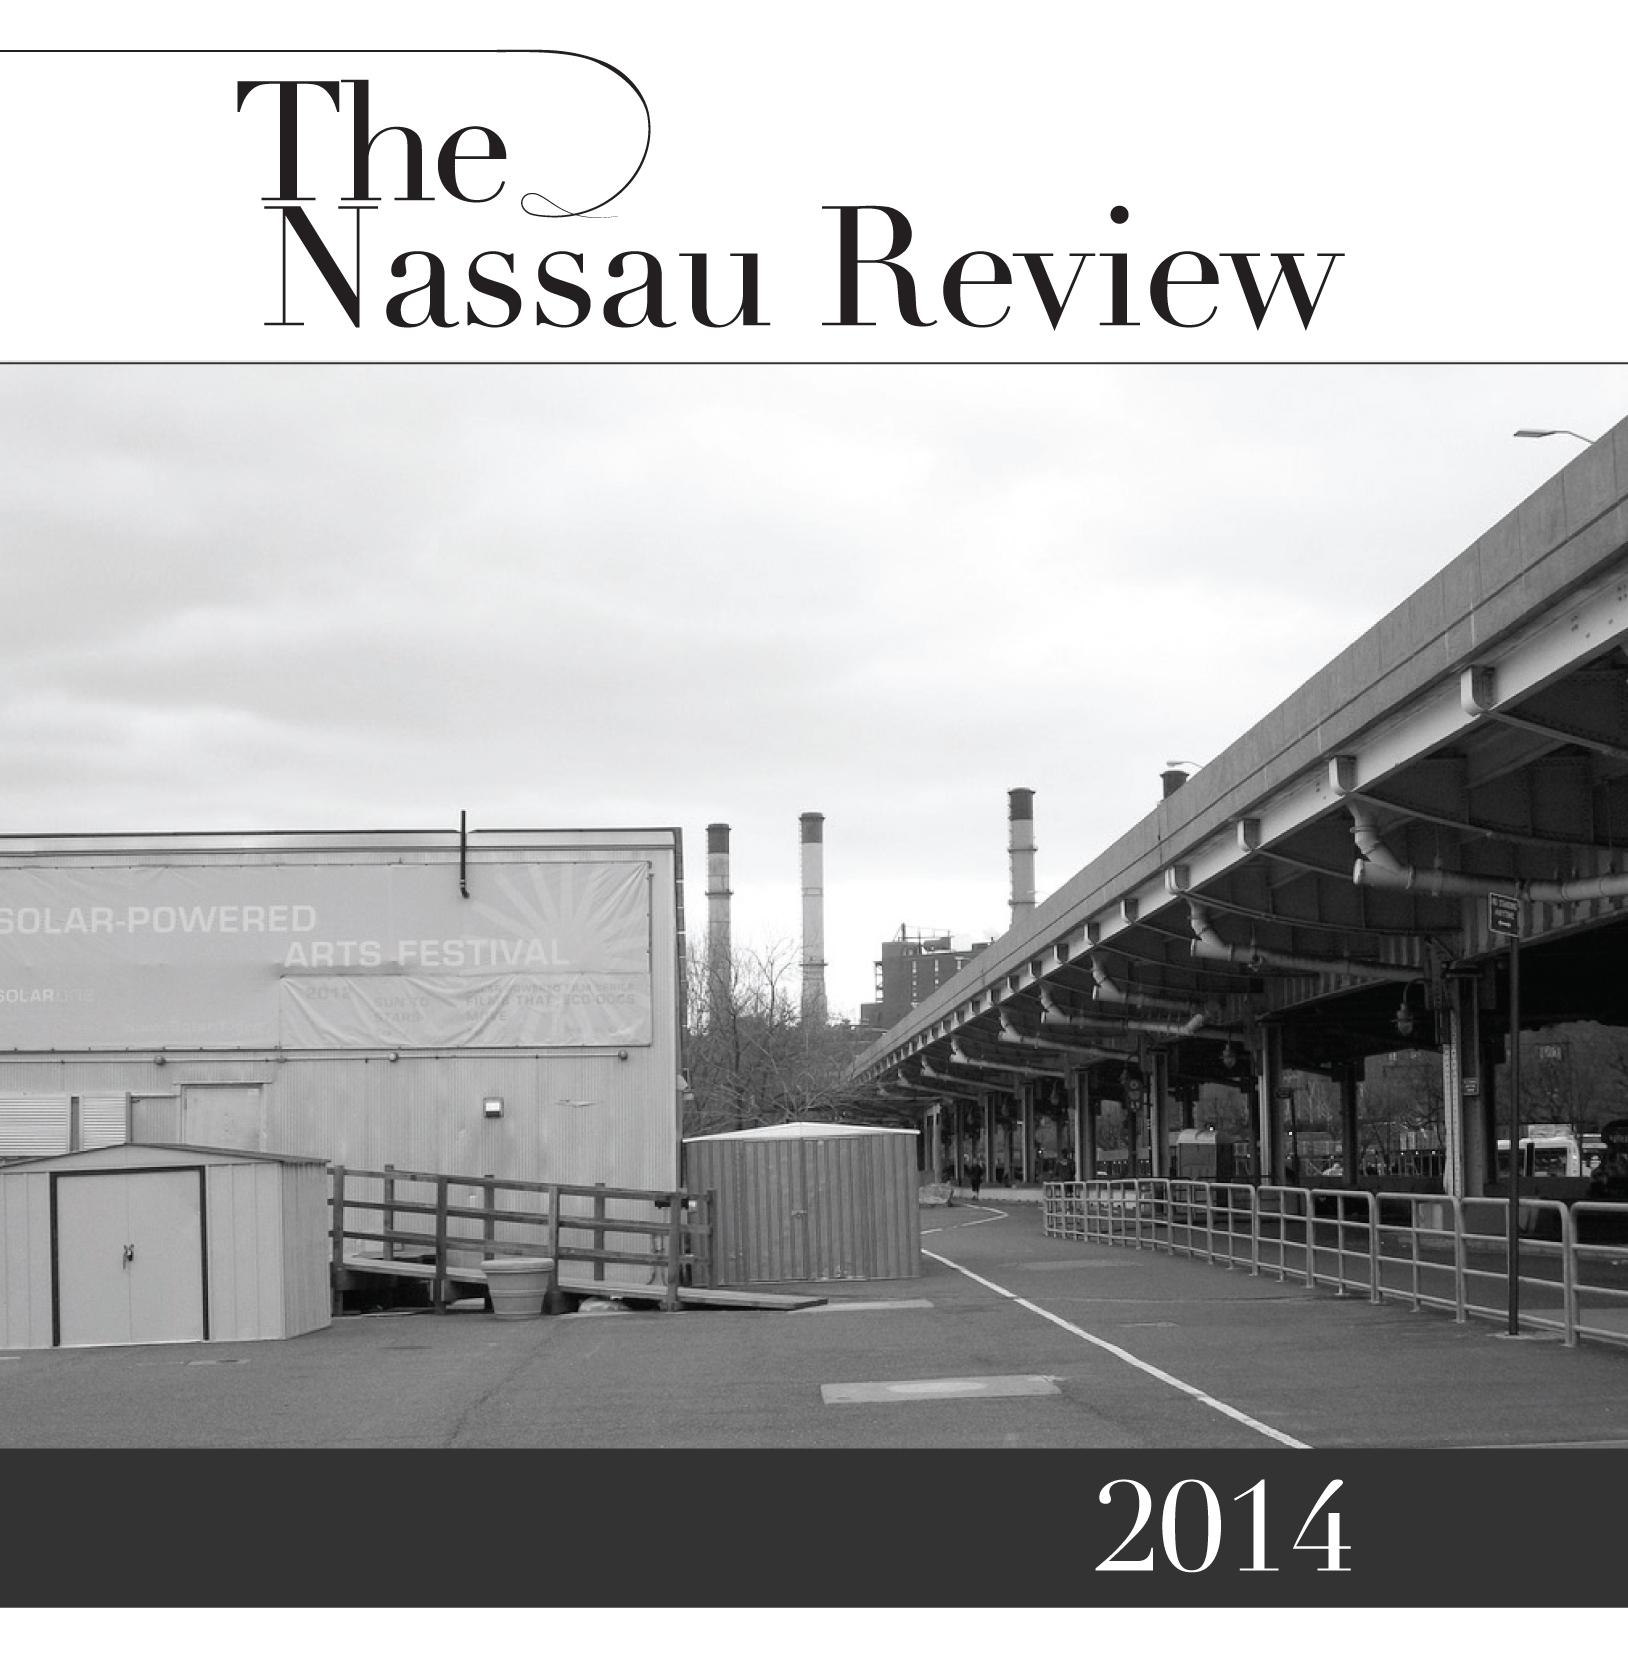 The Nassau Review